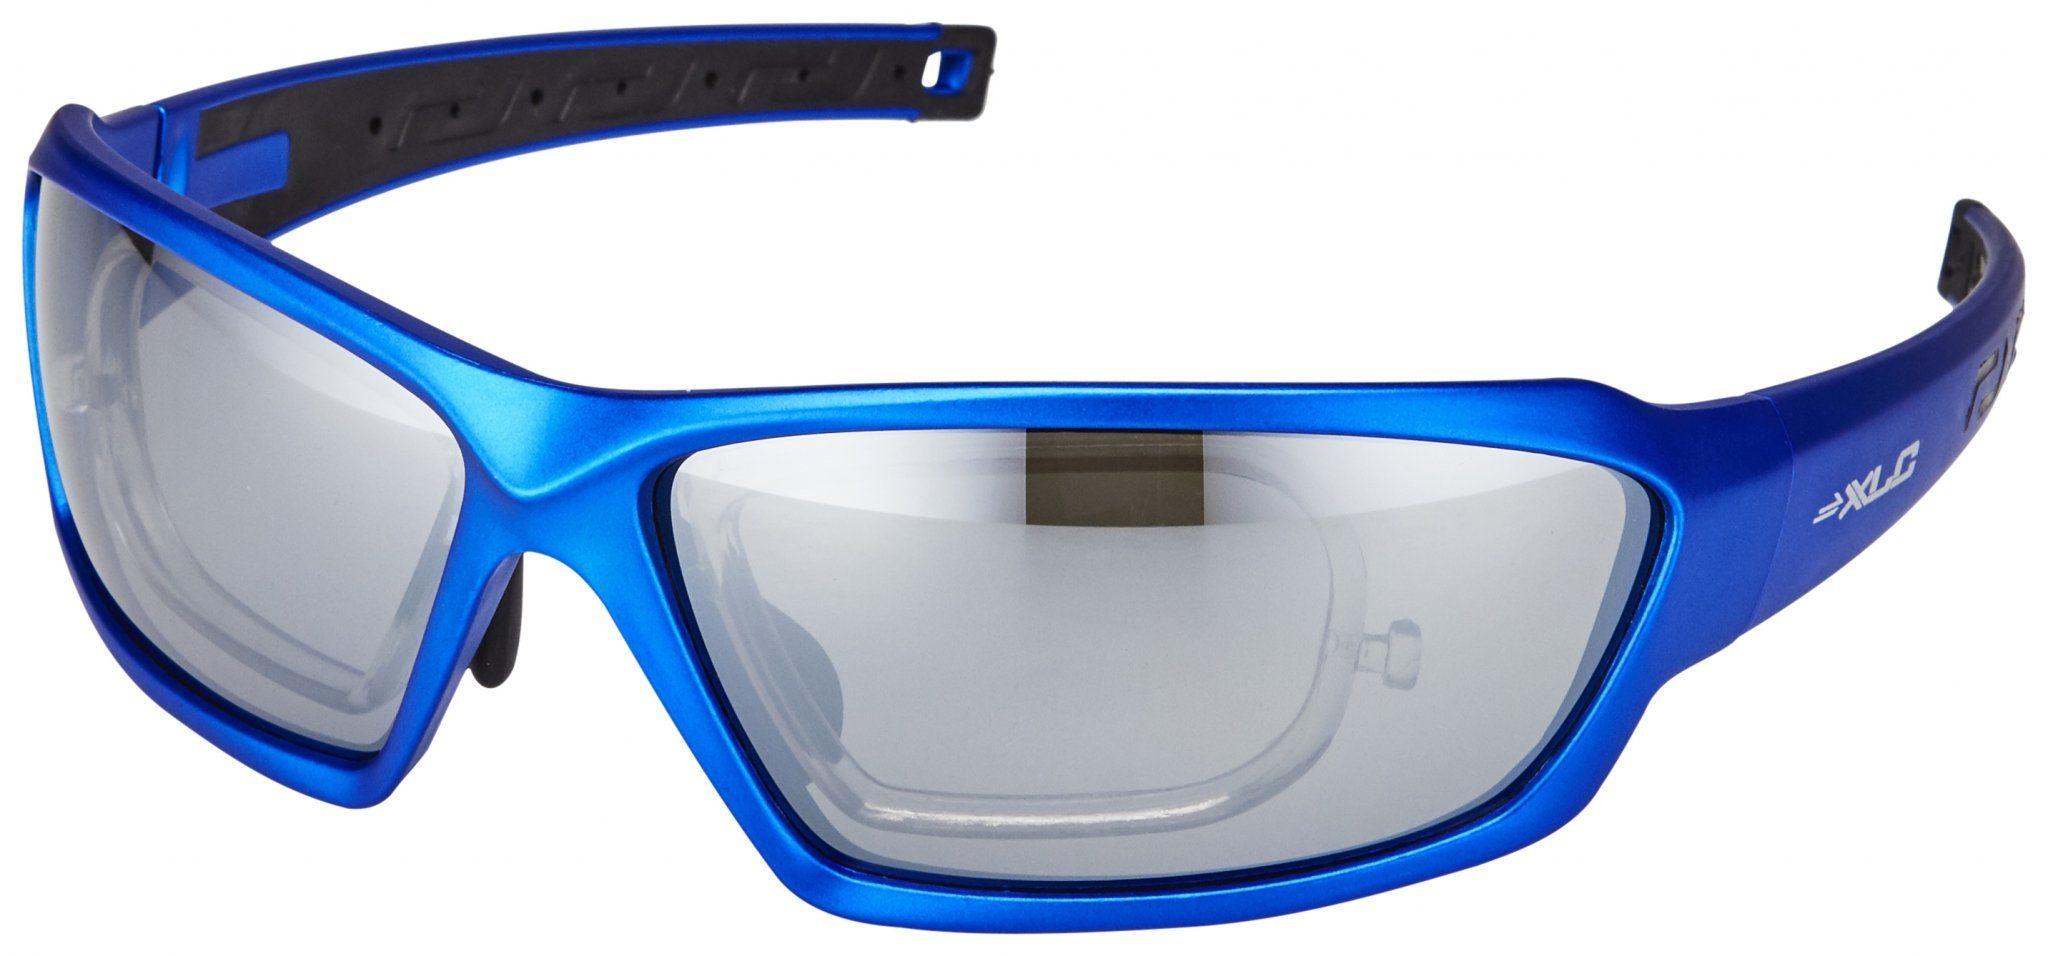 XLC Radsportbrille »Curacao«